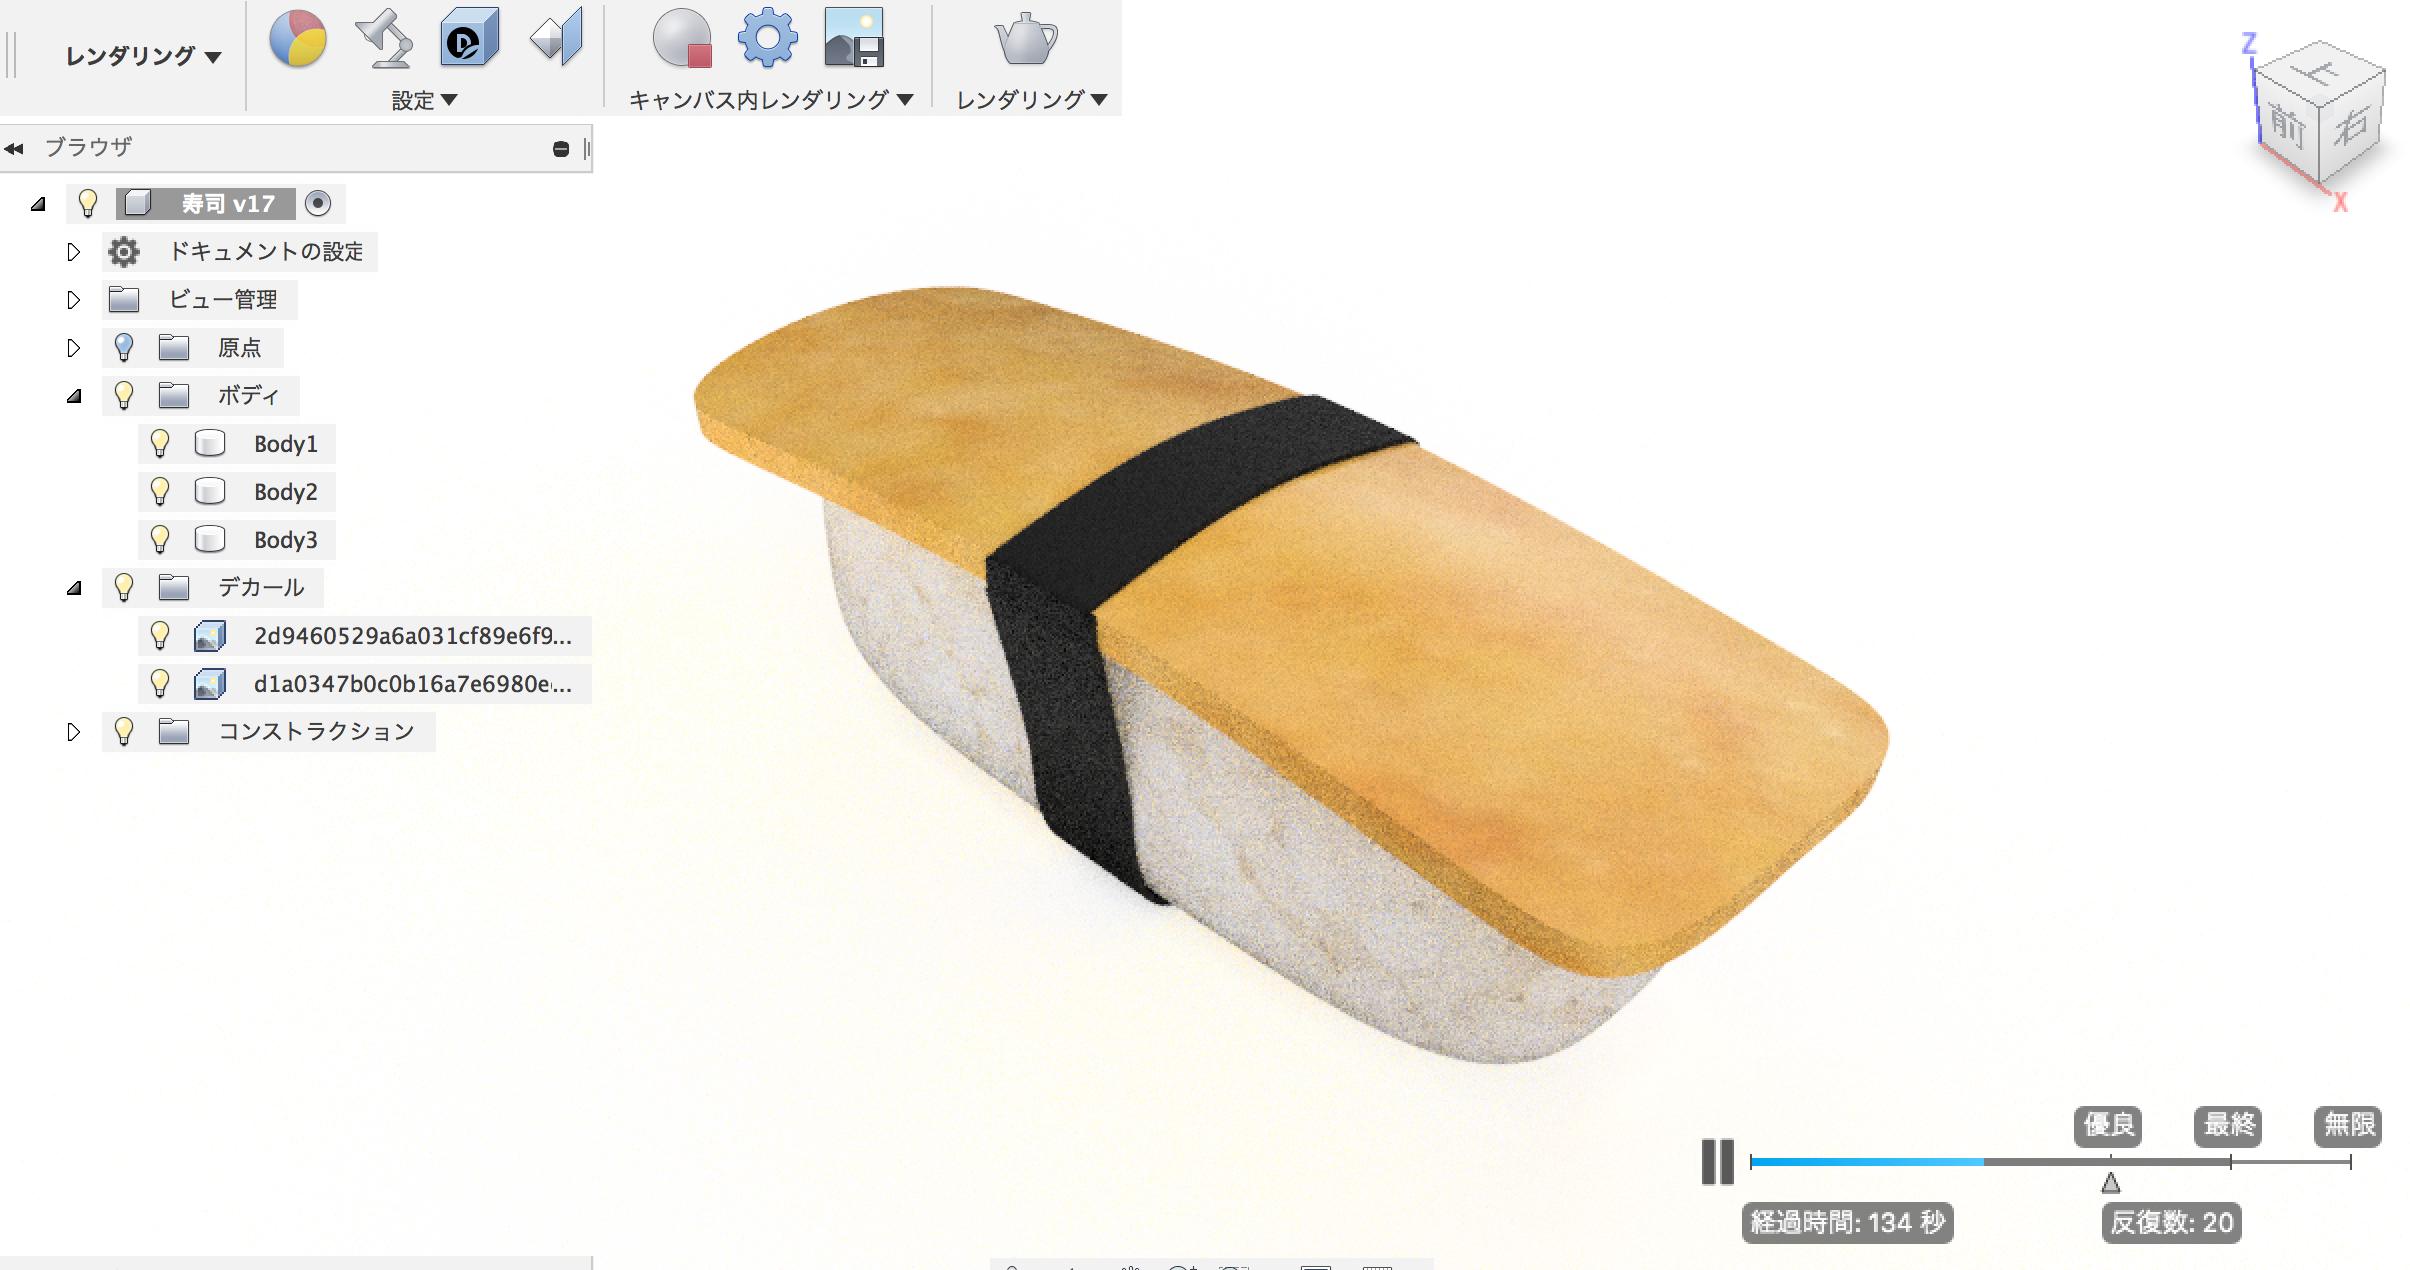 卵焼きの寿司